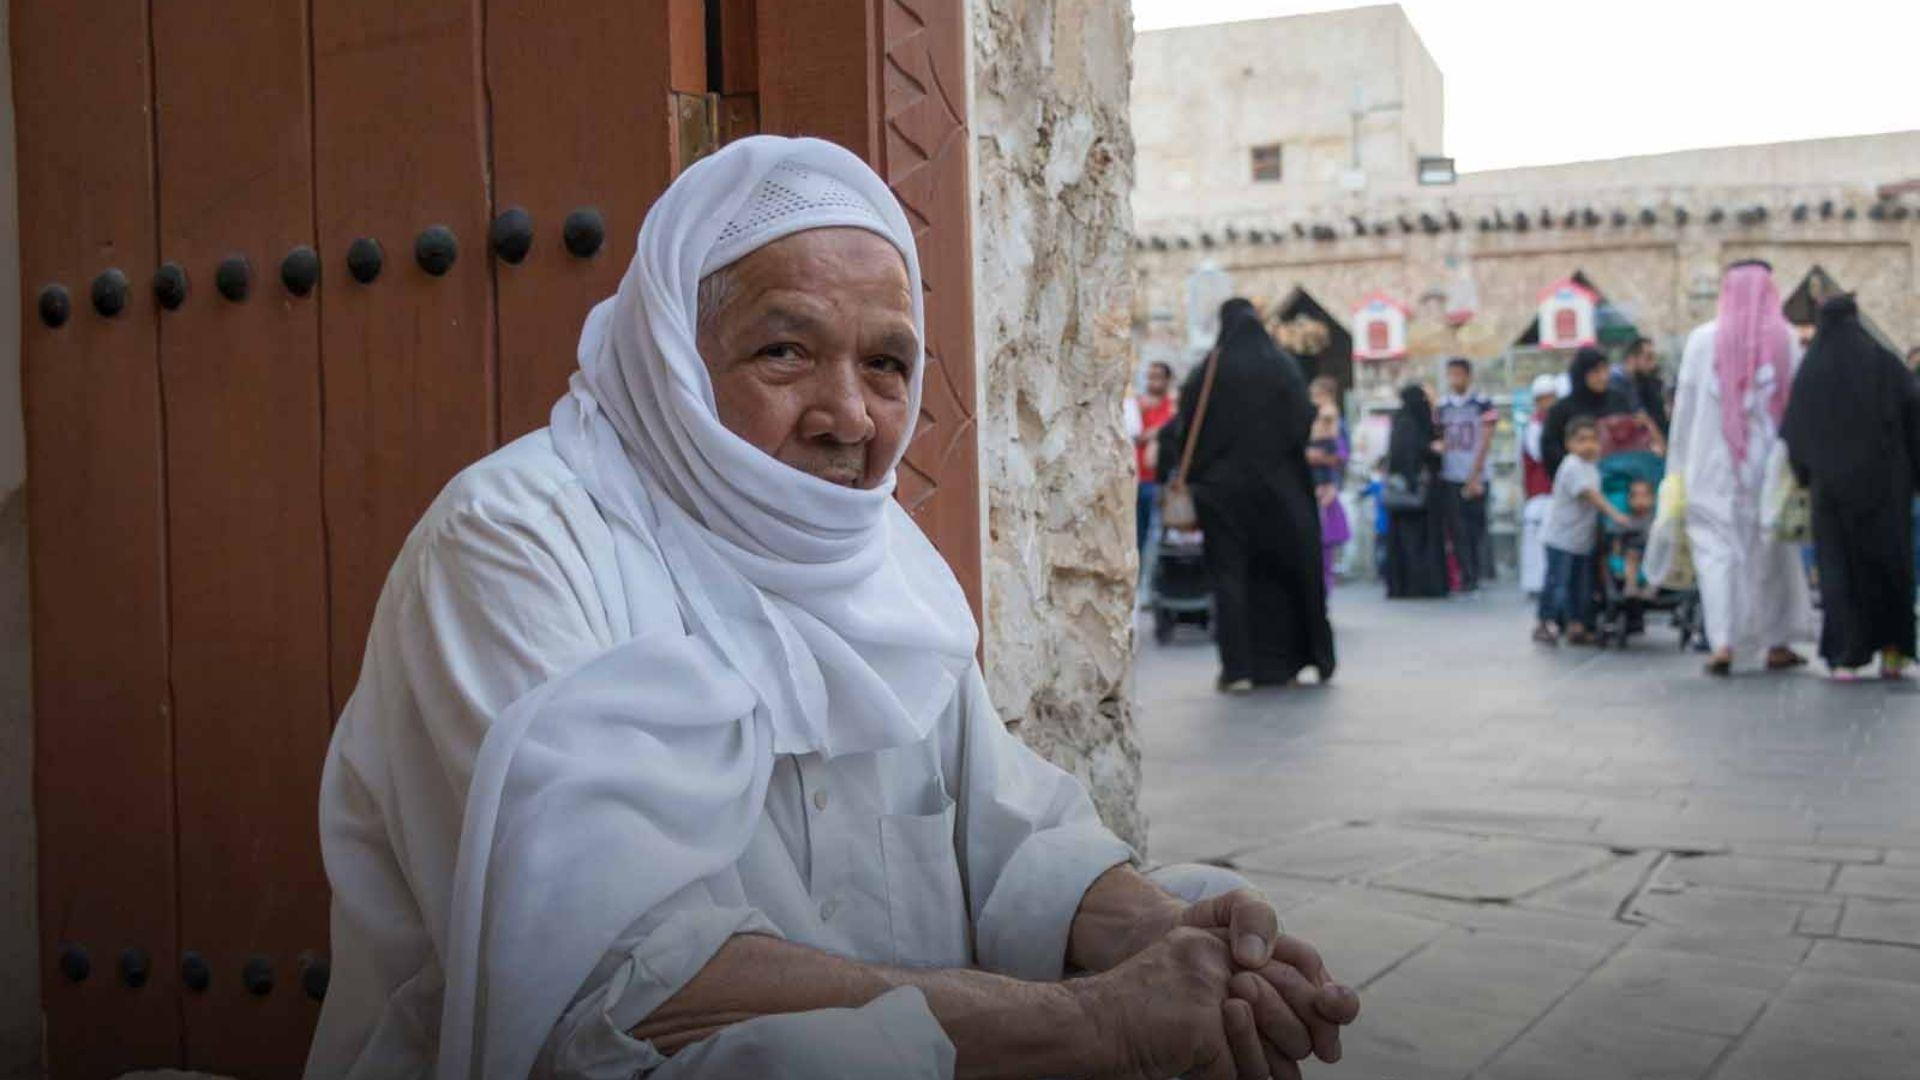 Países que perseguem a Igreja: como vivem os cristãos no Catar